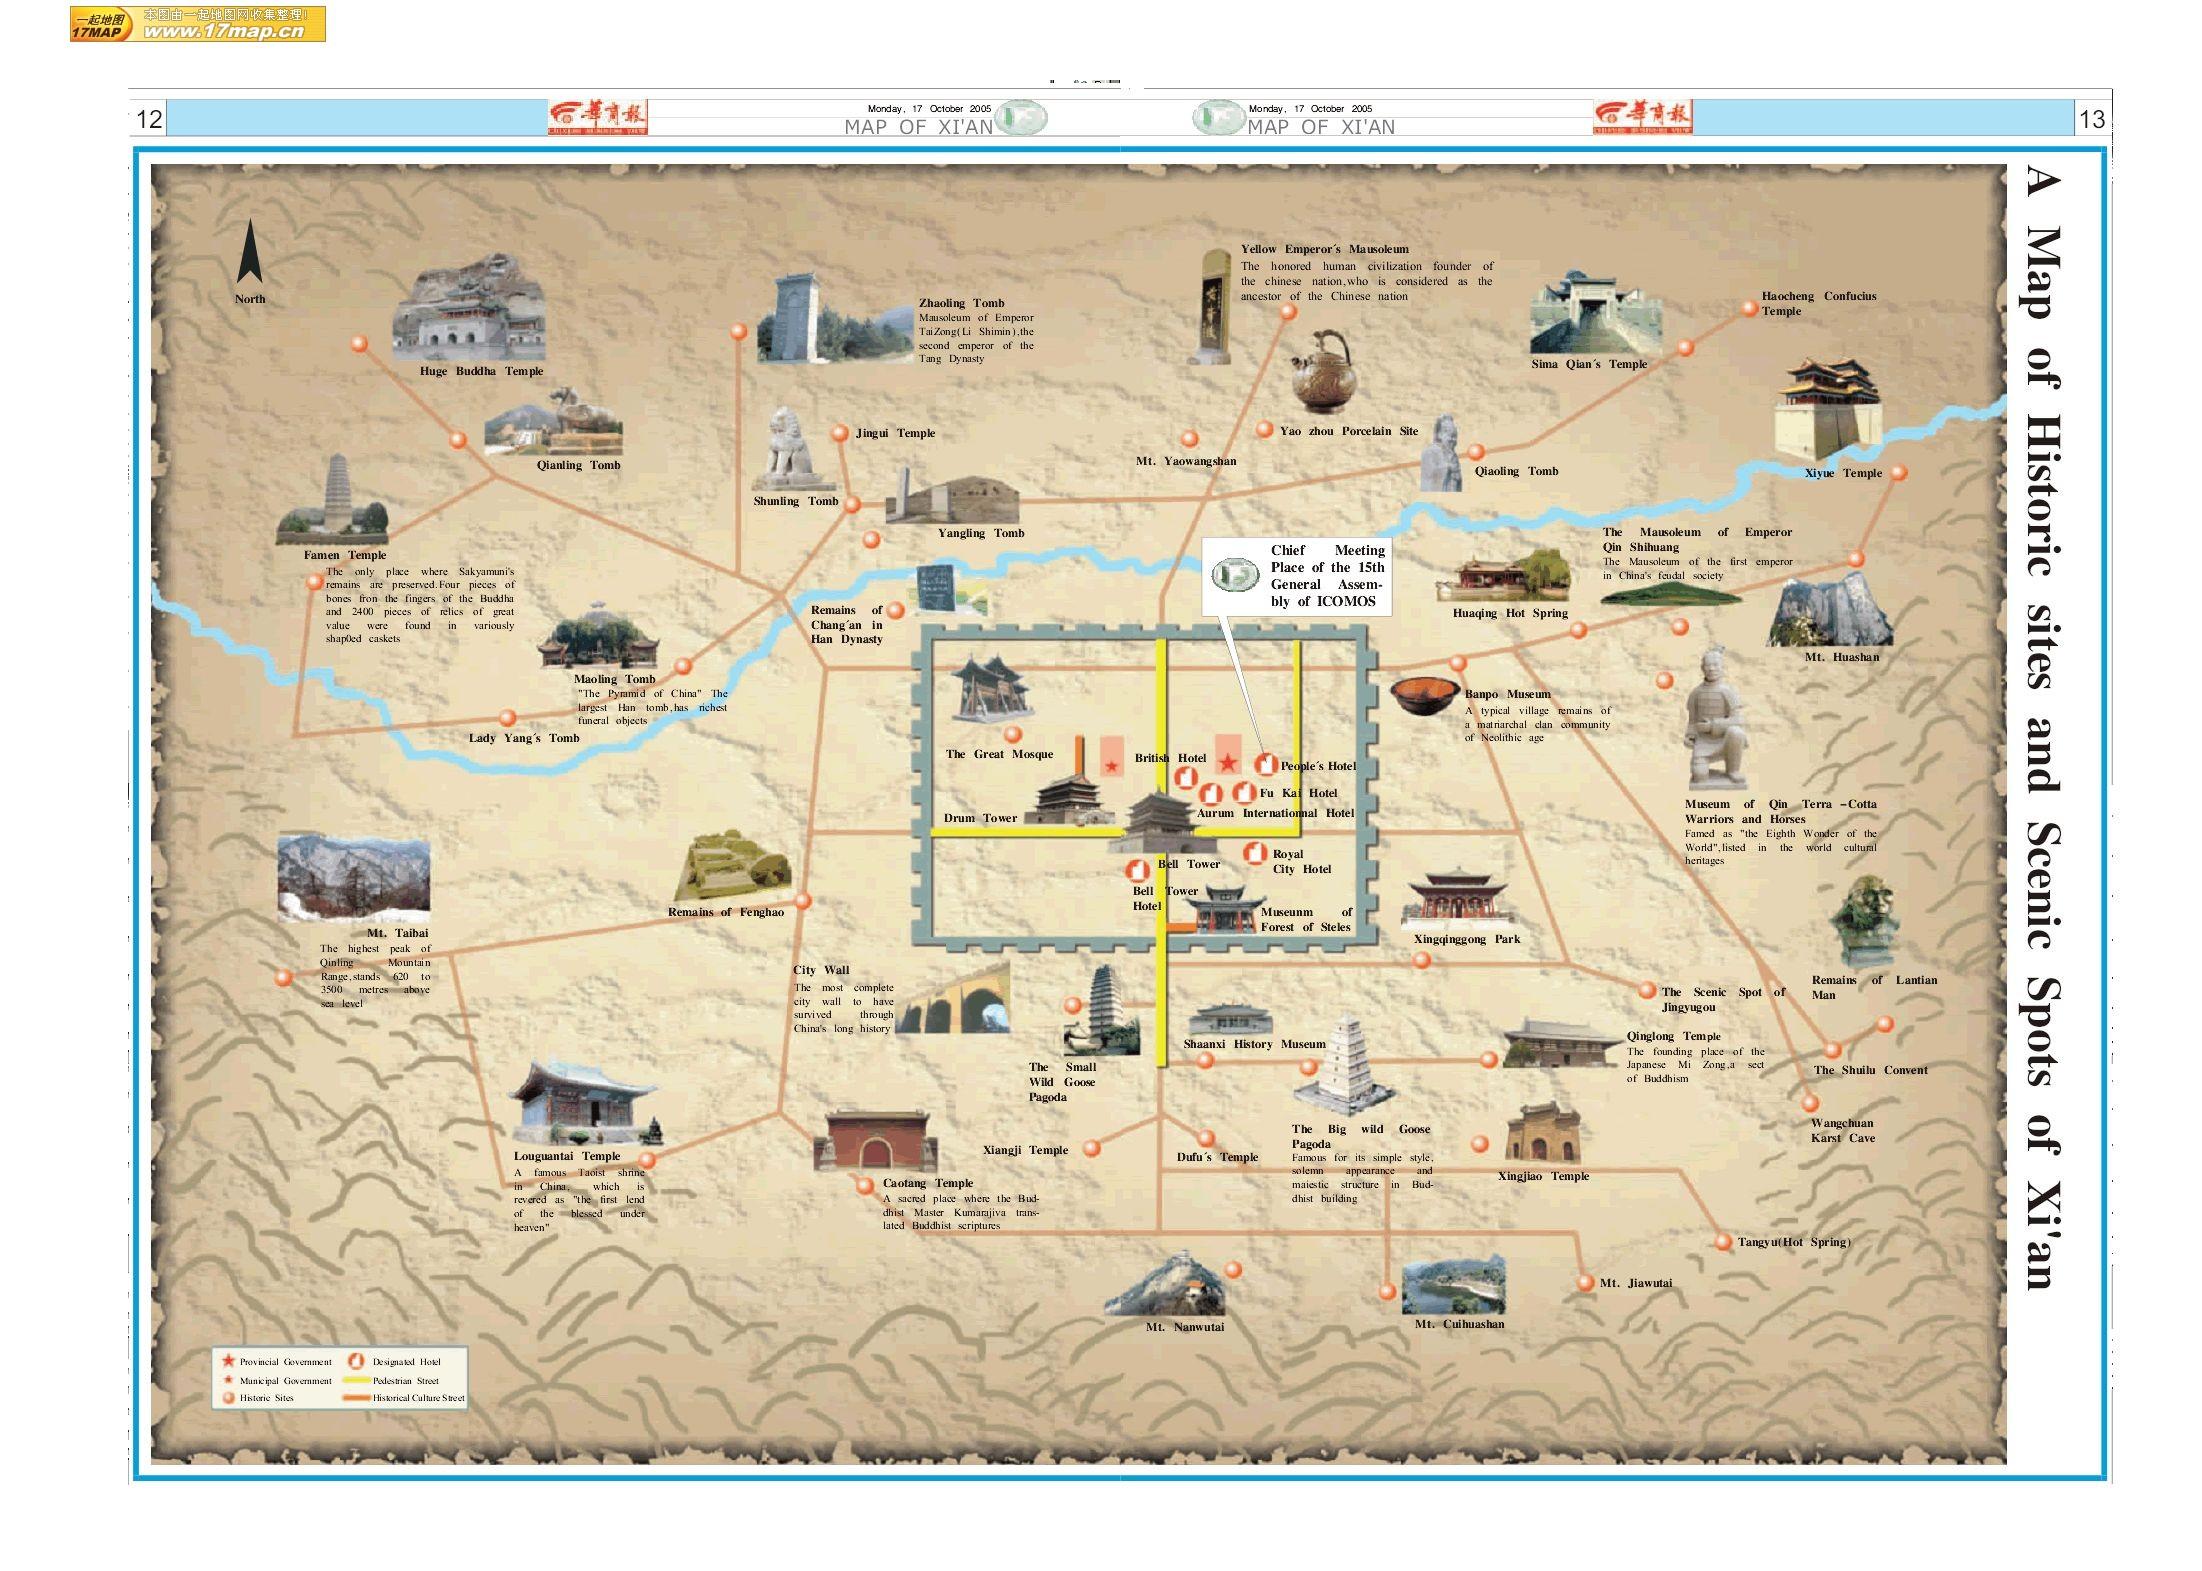 陝西省観光スポット分布ガイド地図